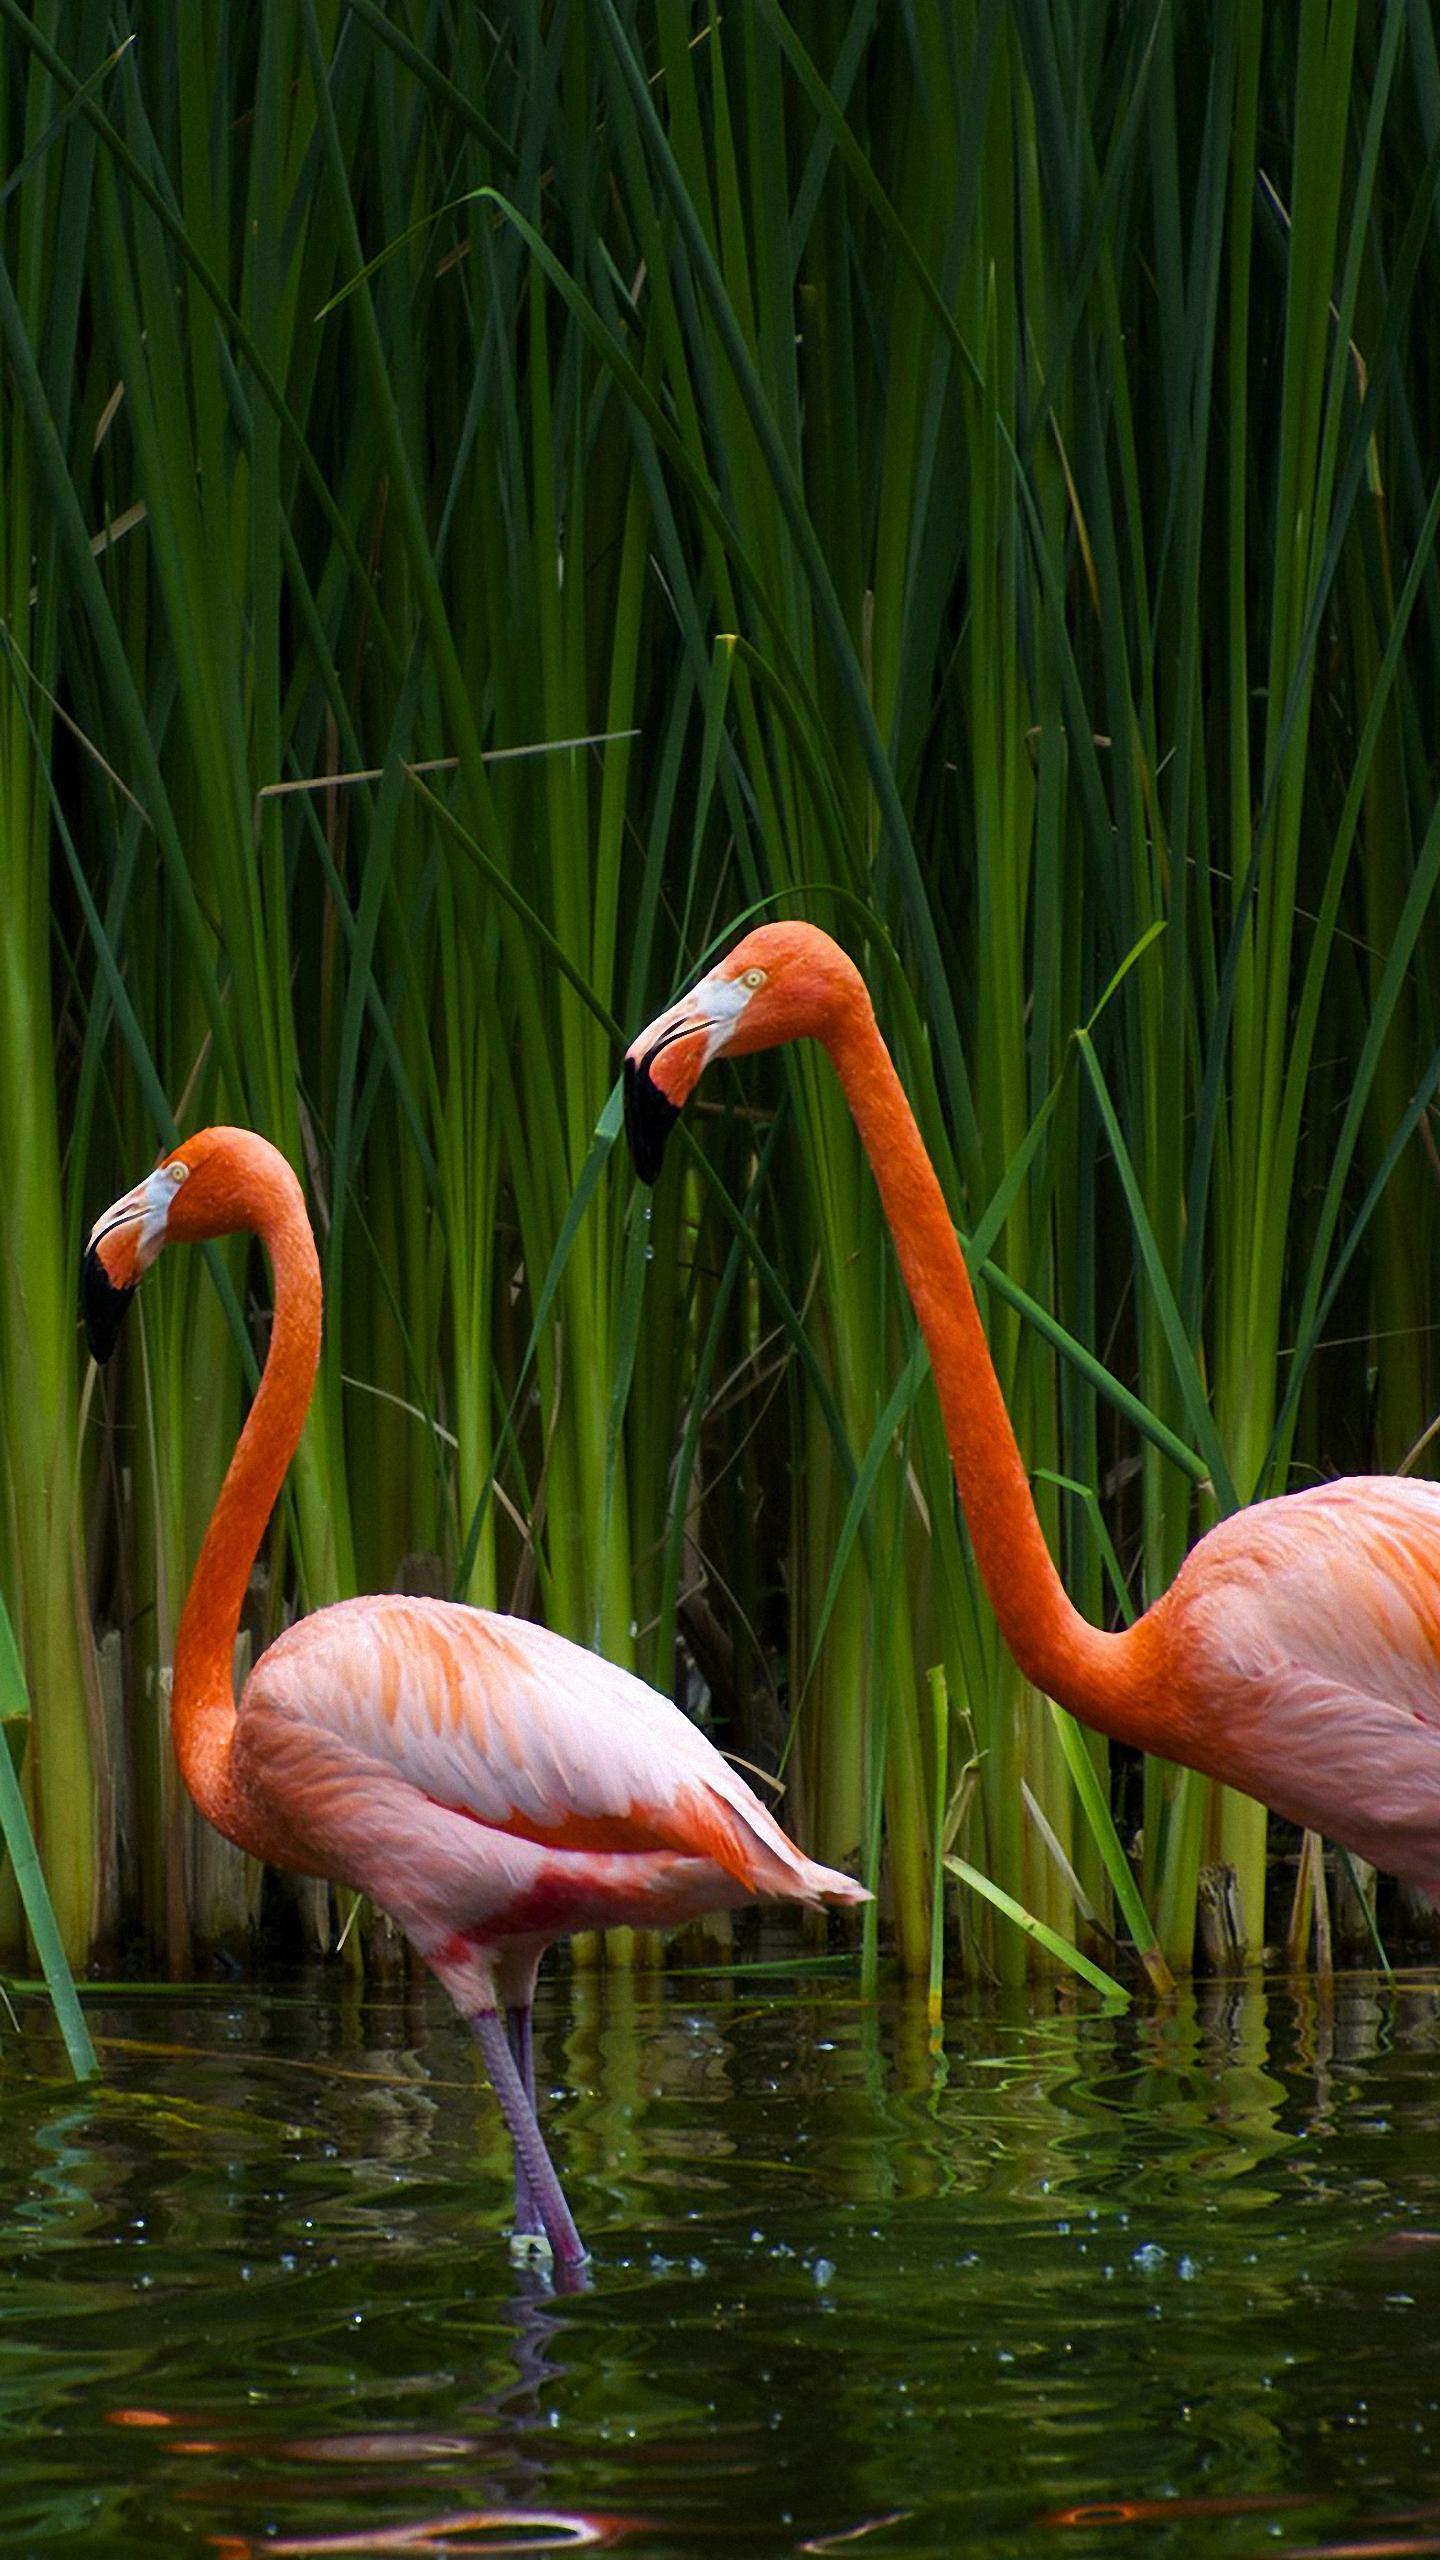 Hd Flamingos Grass Galaxy S6 Edge Wallpapers Flamingos 2560 X 1080 1440x2560 Wallpaper Teahub Io